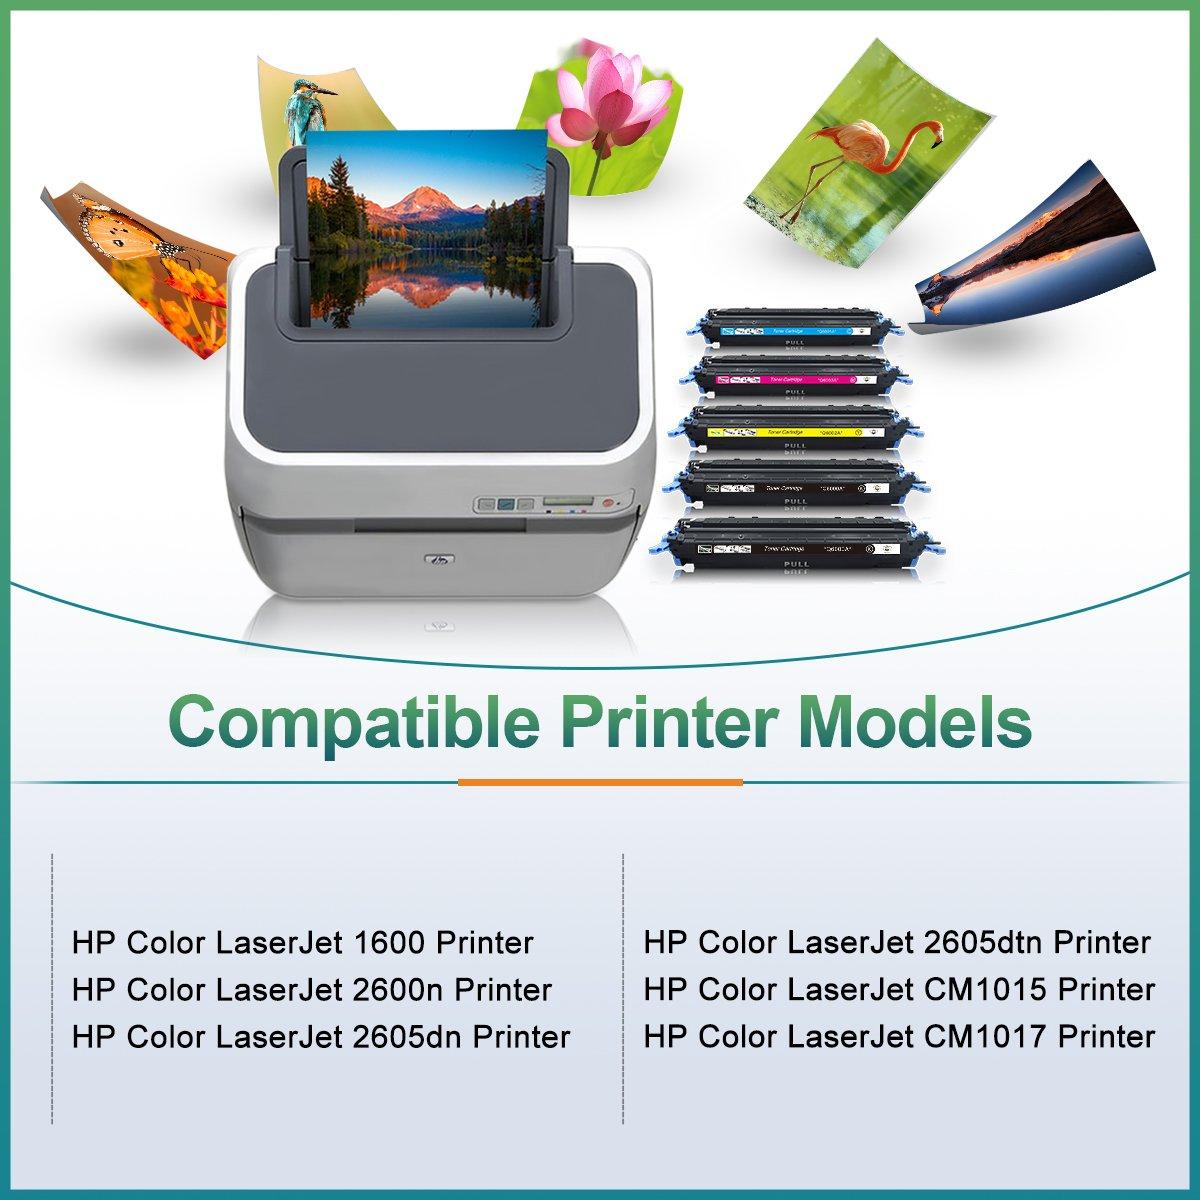 Amazon.com: Q6000A 124A Black Toner Cartridges Replacement for Q6001A  Q6002A Q6003A (2B 1Y 1C 1M) Compatible with HP Color Laserjet 1600 2600n  2605dn ...